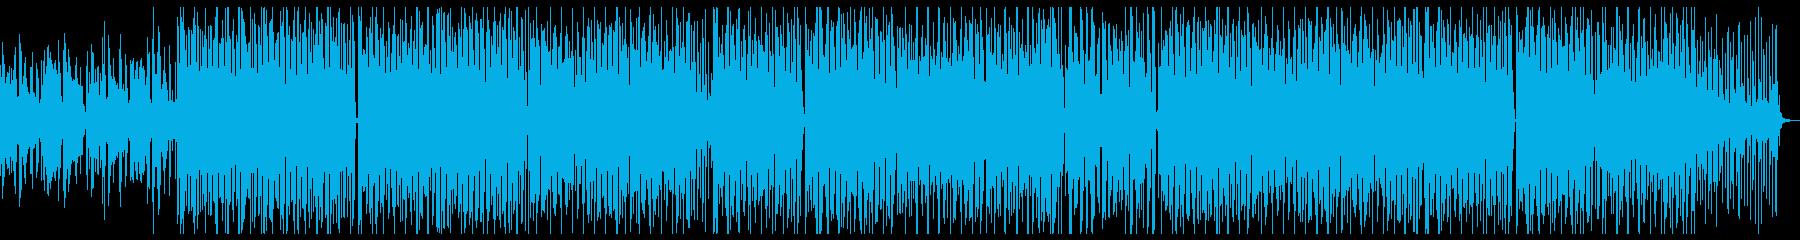 お洒落なフィルターハウスの再生済みの波形